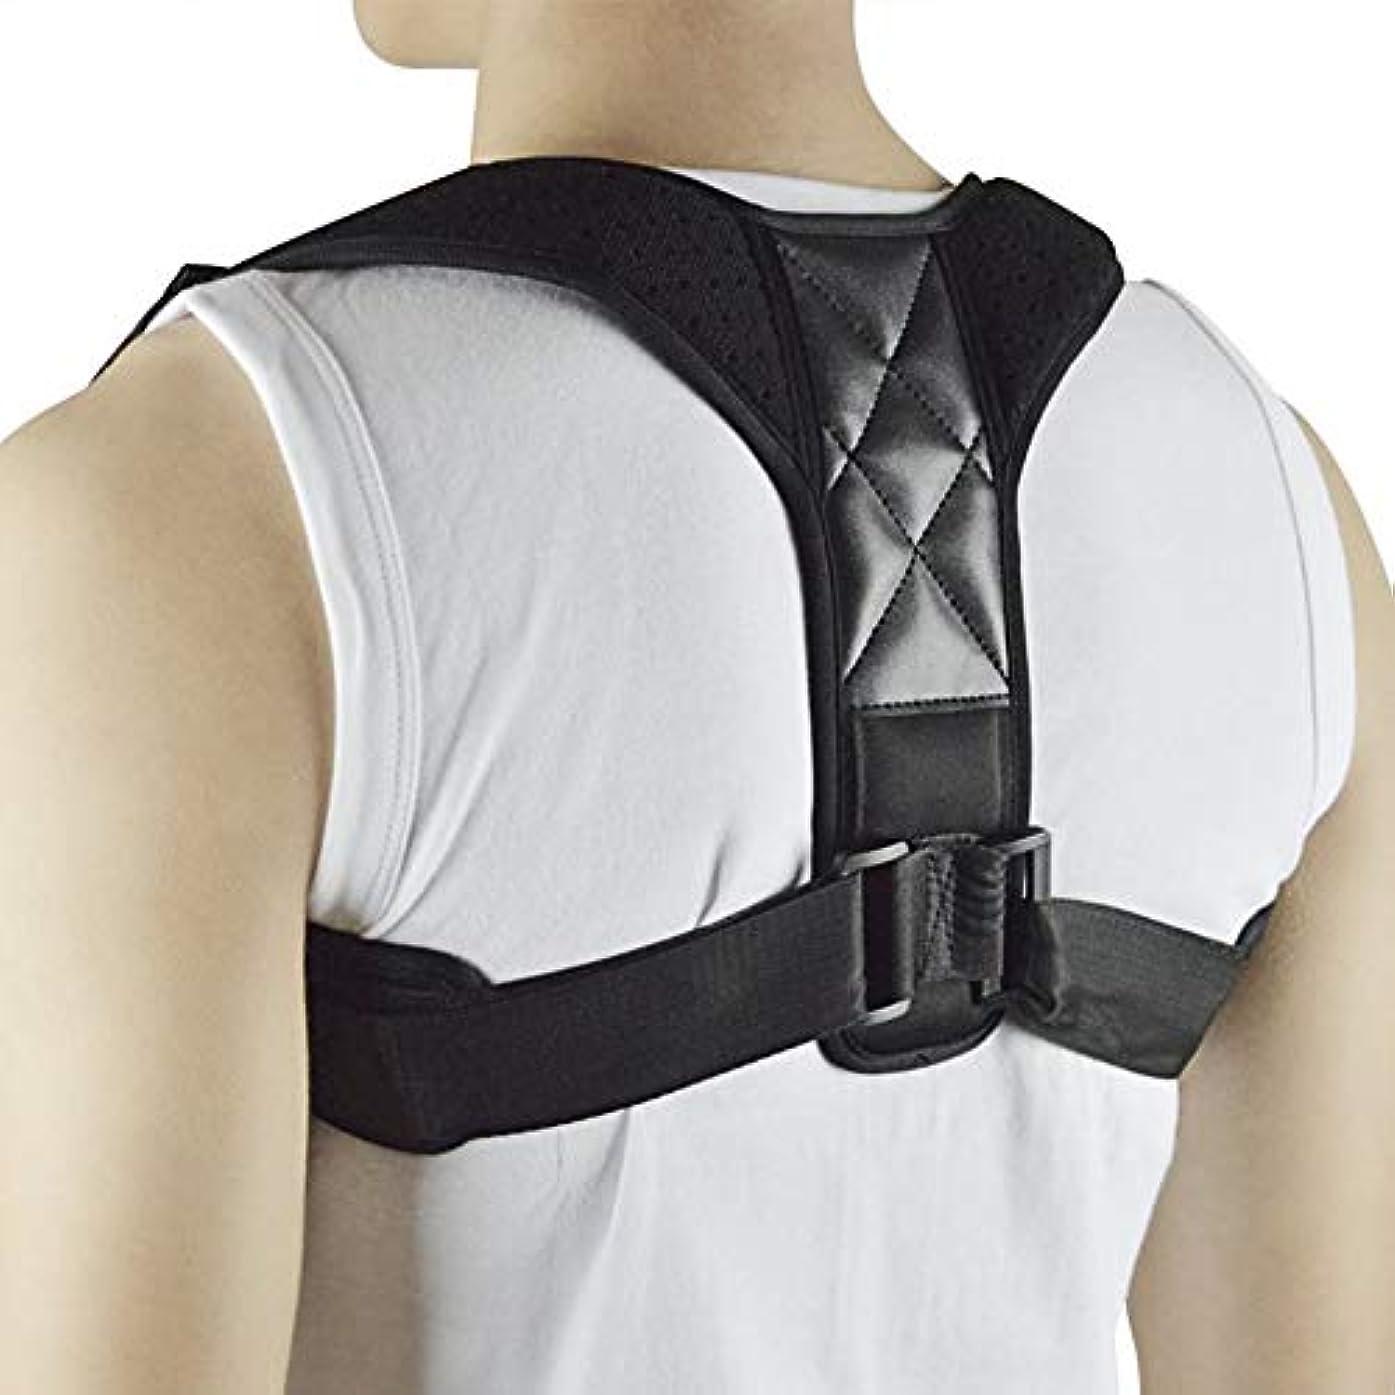 支配的肘掛け椅子地球WT-C734ザトウクジラ矯正ベルト大人の脊椎背部固定子の背部矯正 - 多色アドバンス